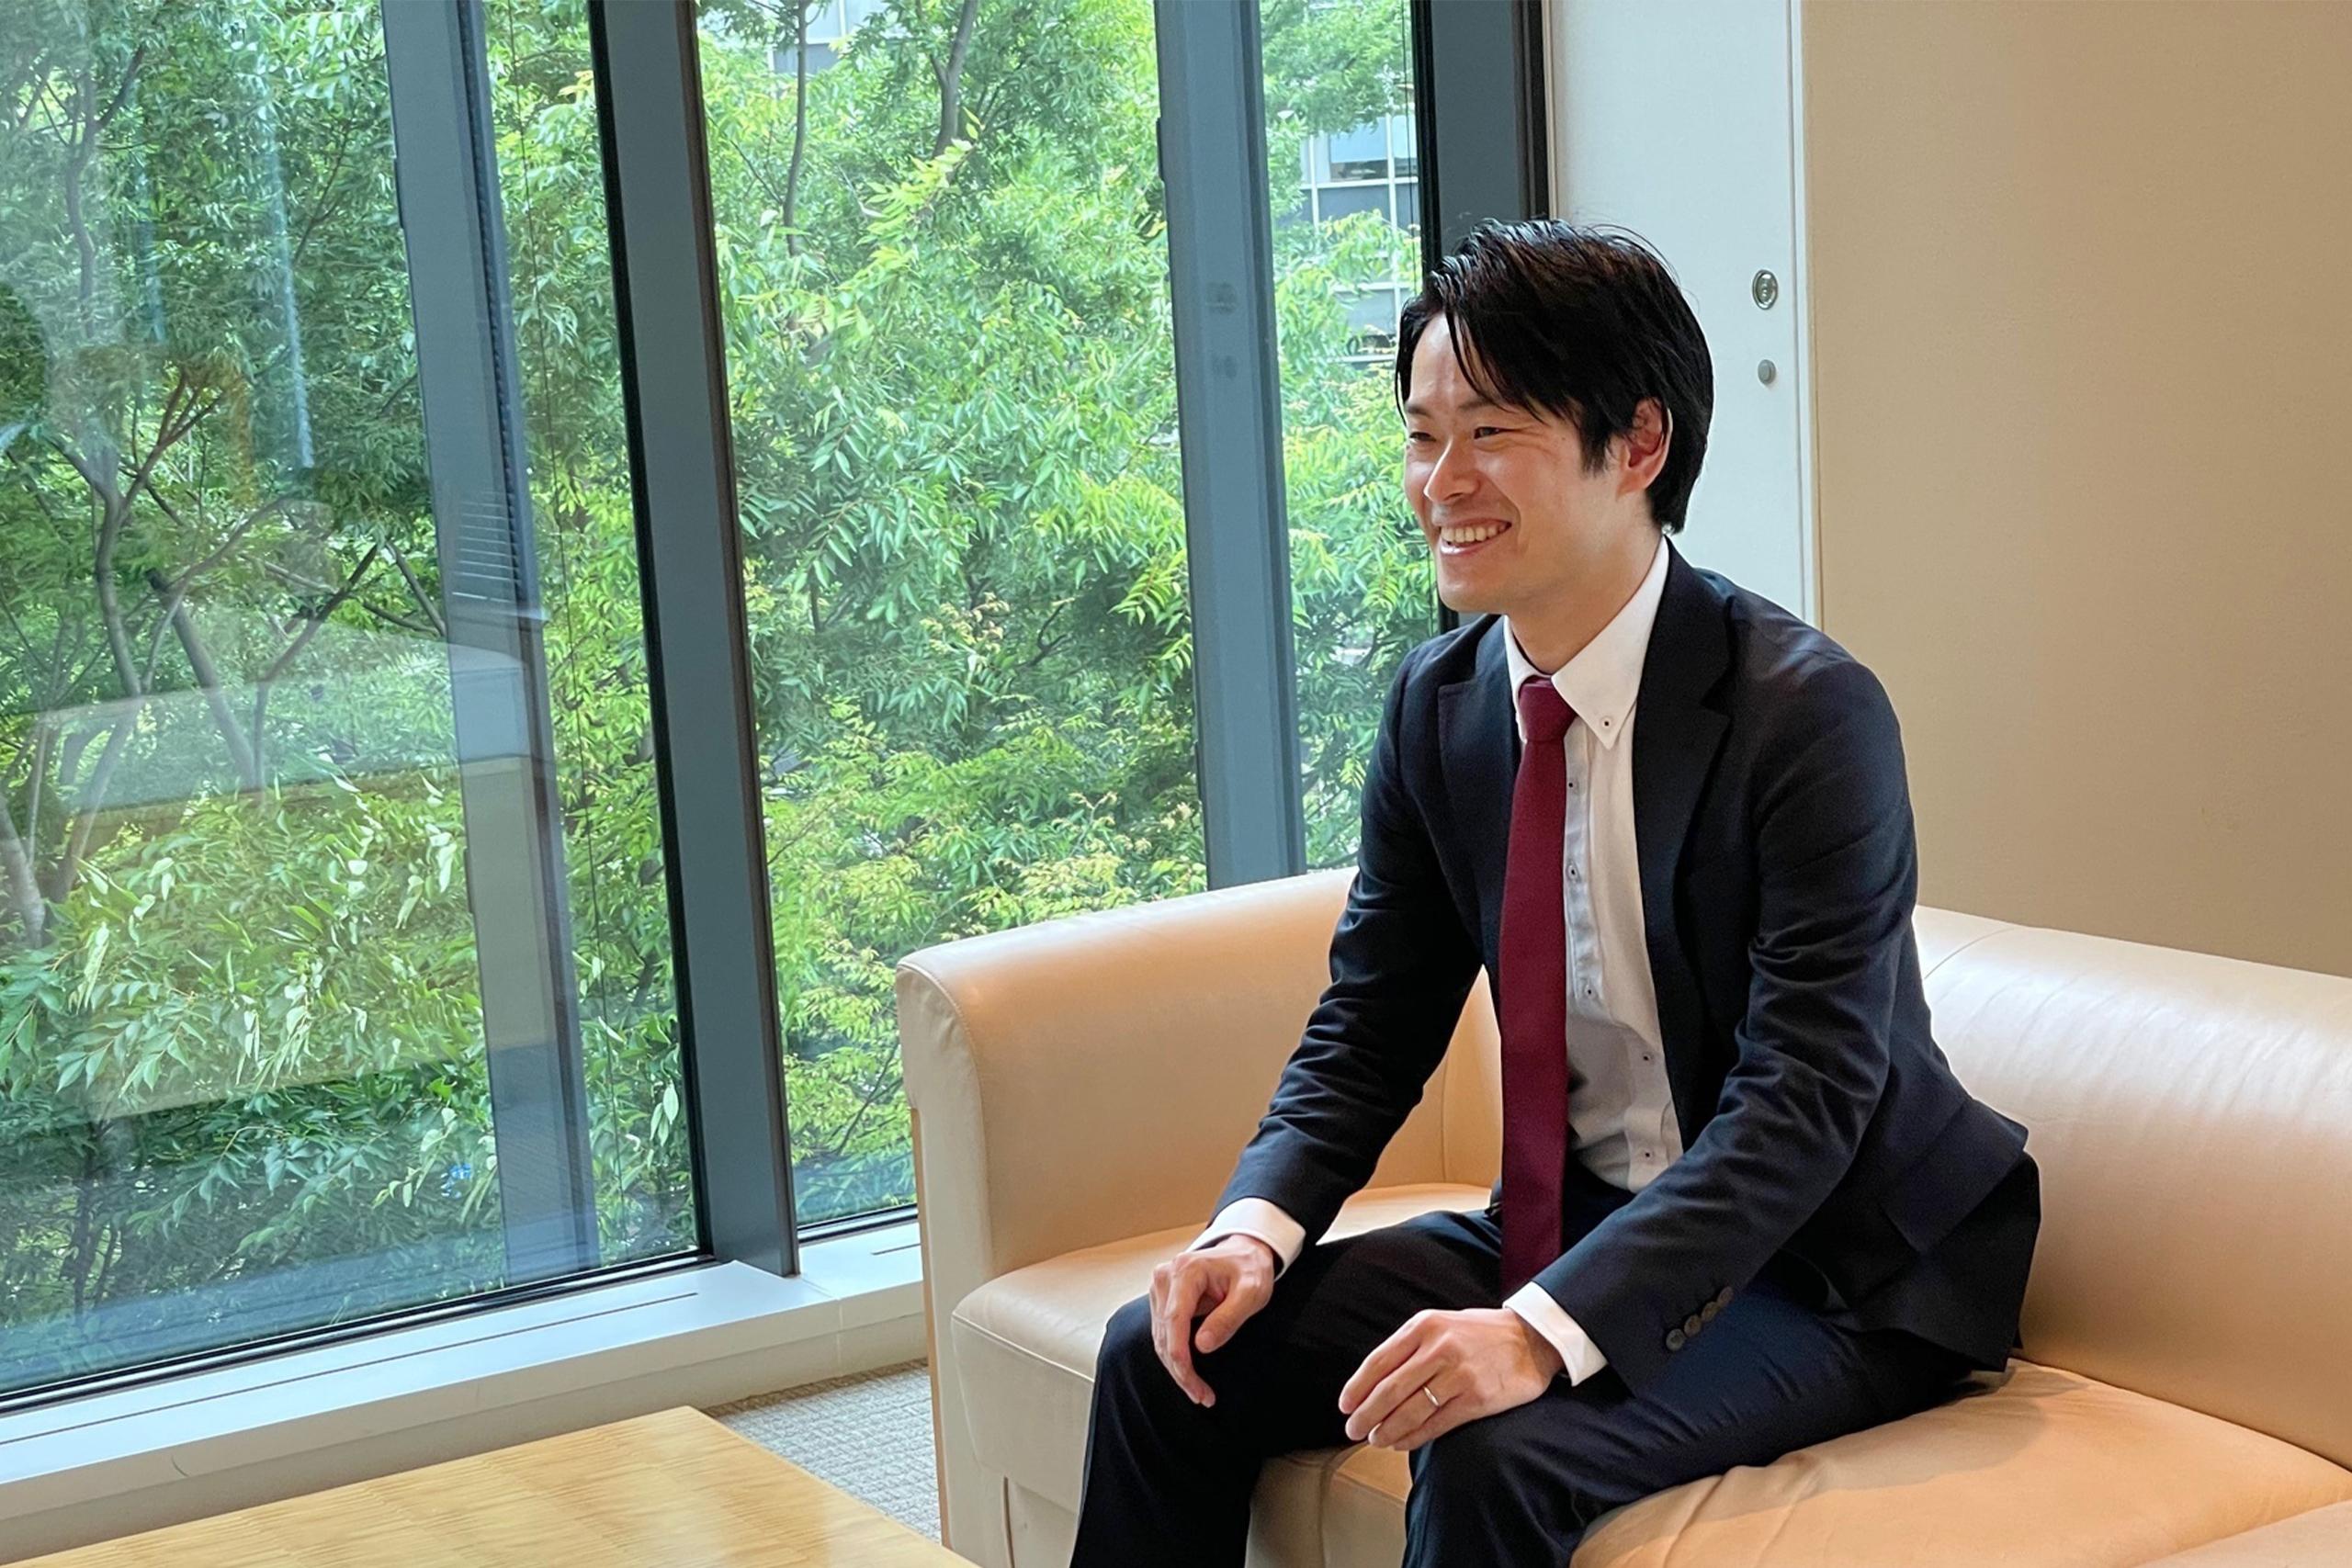 木戸さんのインタビューの様子